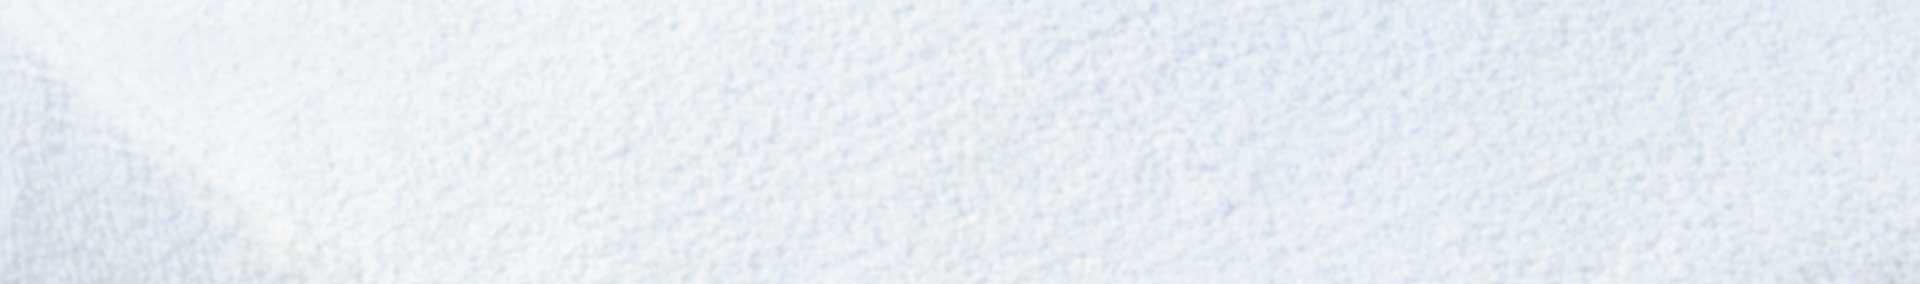 Funda colchón rizo transpirable